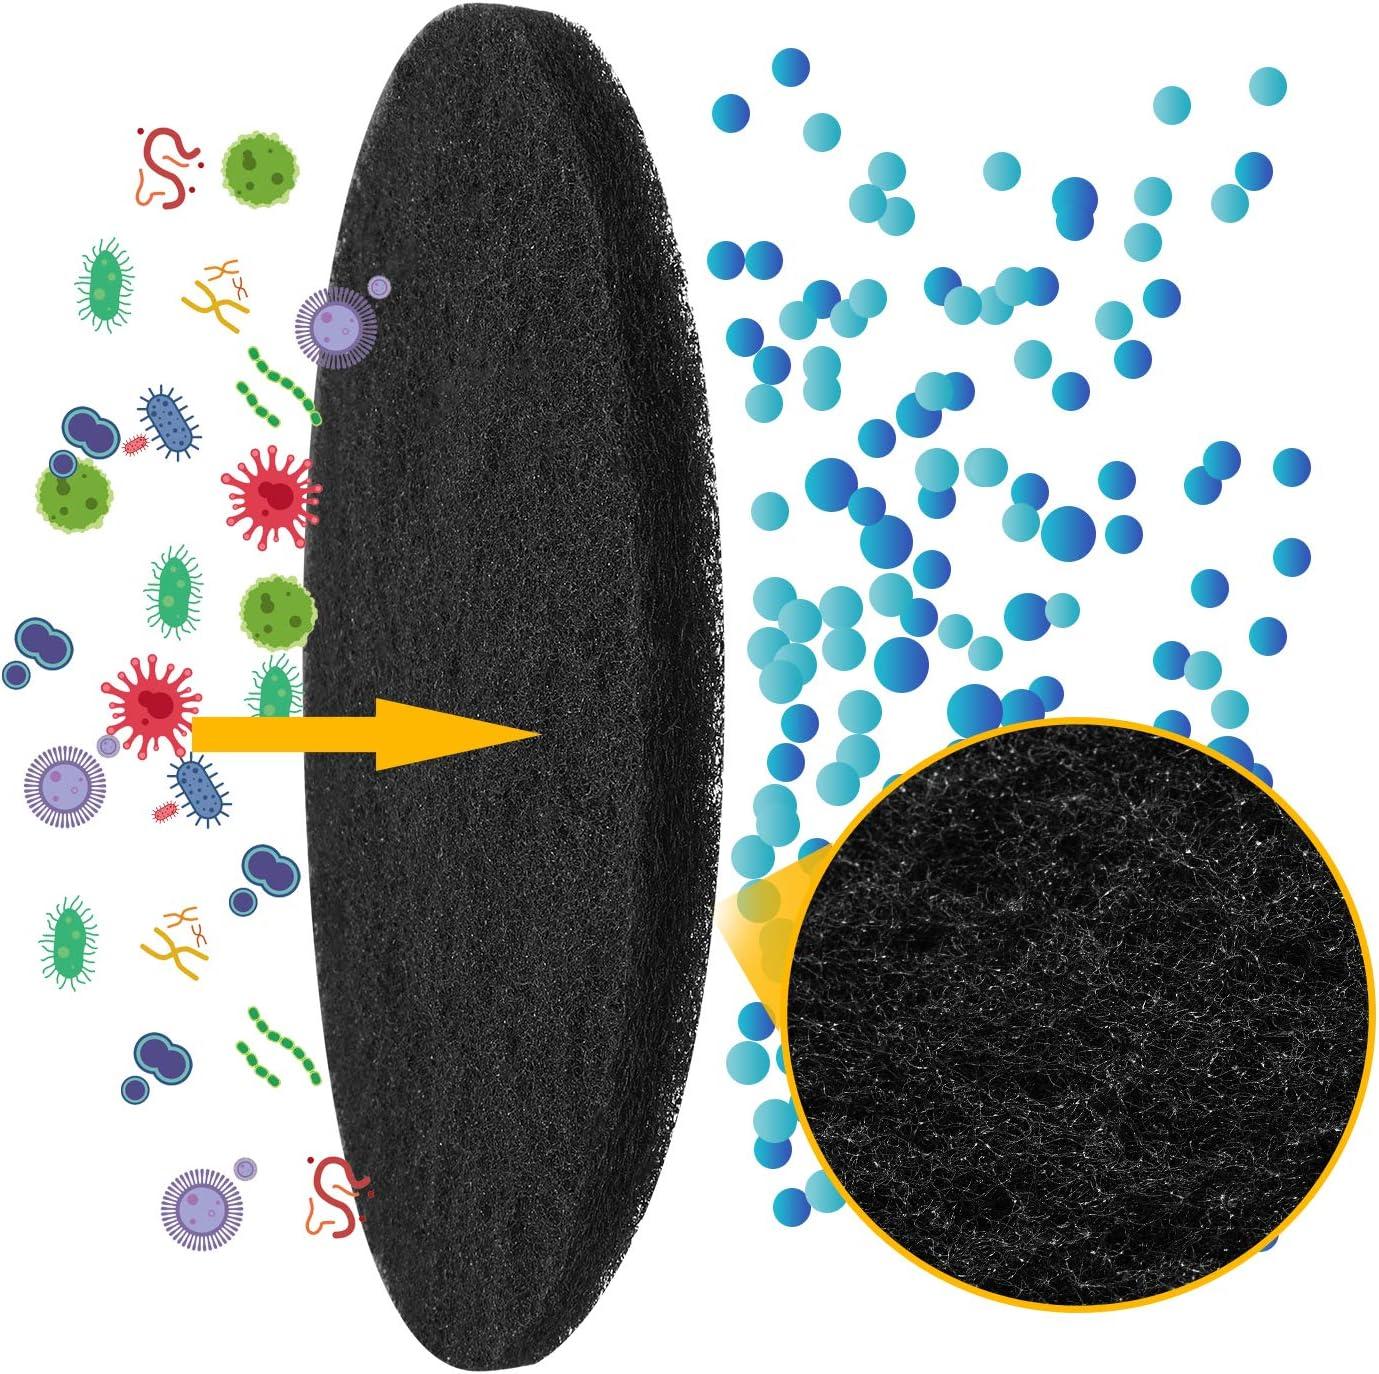 Filtros de Carb/óN para Cocina Compost Bin Onesight Filters Reemplazo de Cubo de Compostaje Filtro de Carb/ón de Repuesto